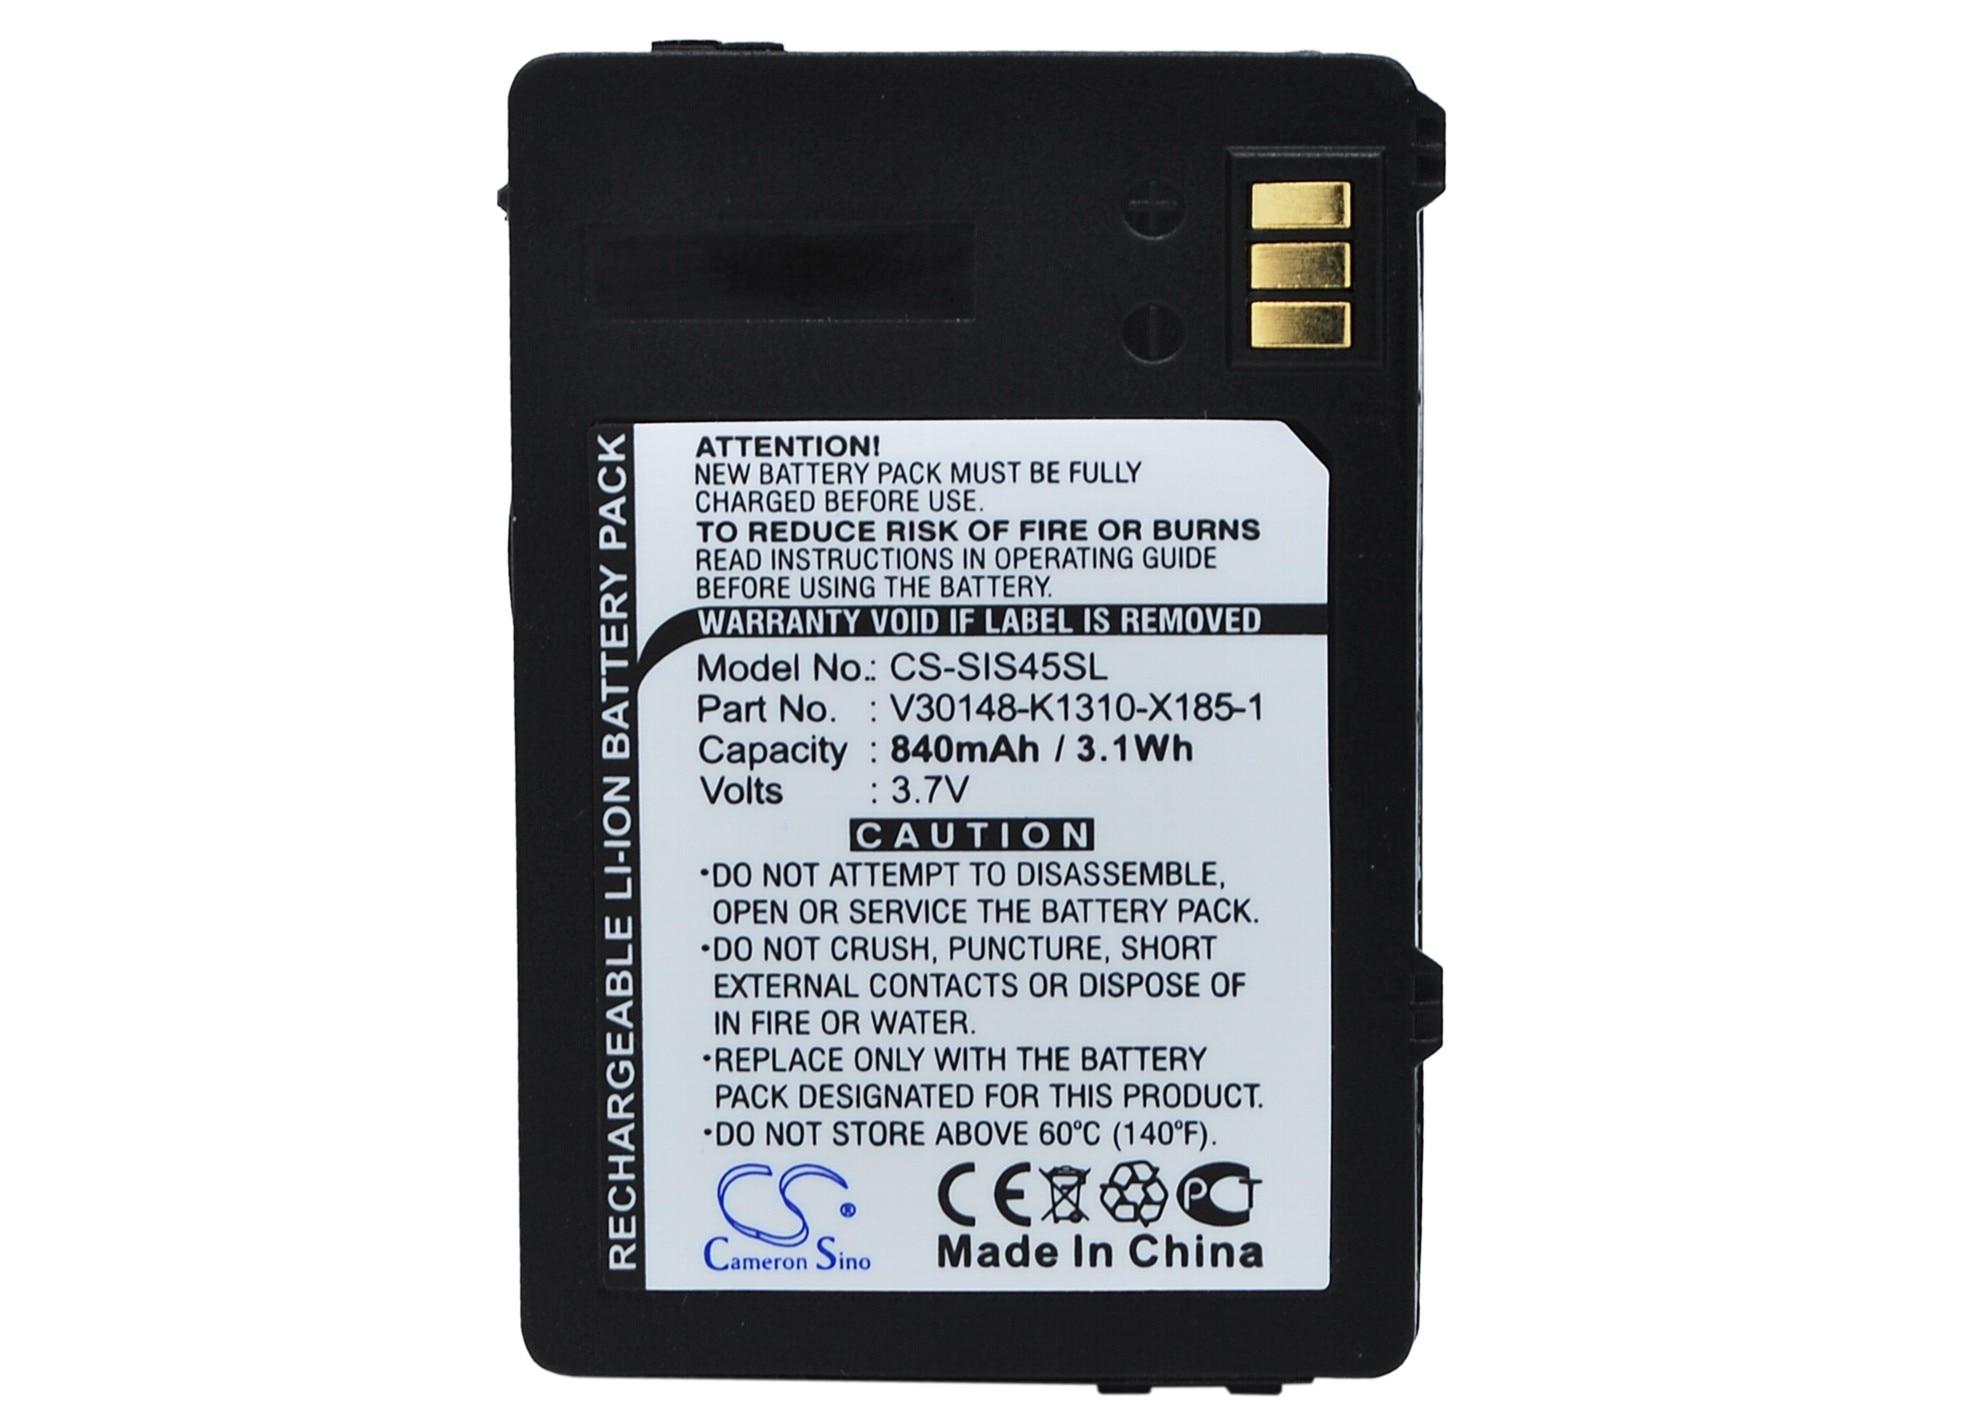 3.7v Battery For Siemens Ctx65 Cxi70 Cxo65 S65v Sp65 Emoty A31 C65 Cf62t Cxt65 Cfx-65 Cxt70 Cxv65 Cxv70 M65 S65 Cx66 Cx75 Cxi65 Power Source